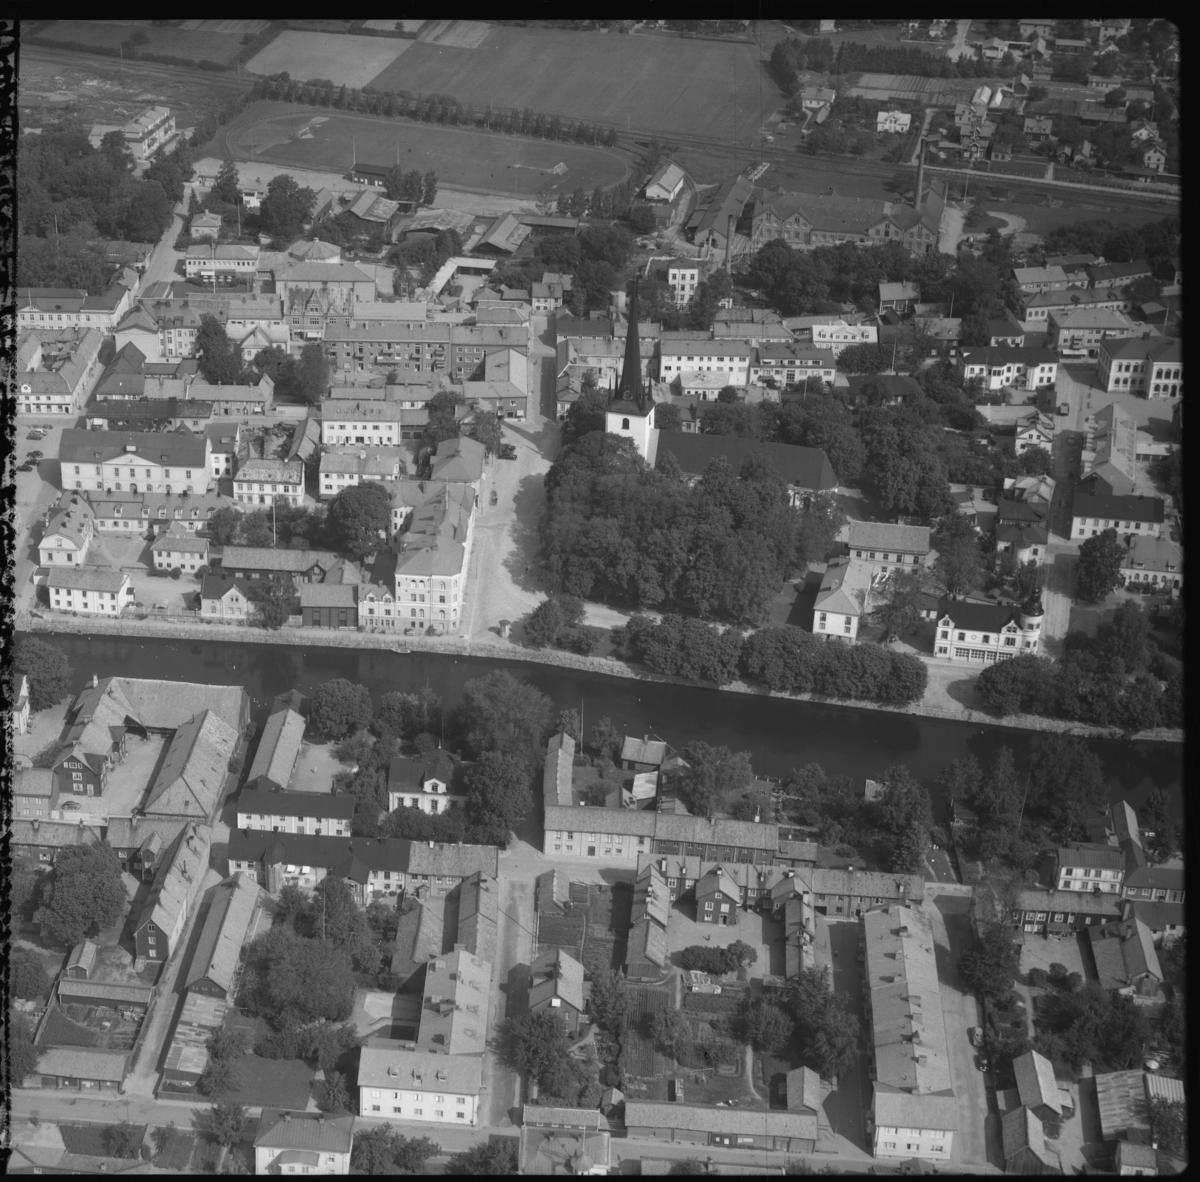 Flygfoto över Arboga centrum, med bland annat AB Arboga Margarinfabrik. Tagen 1956 av AB Flygtrafik Dals Långed.